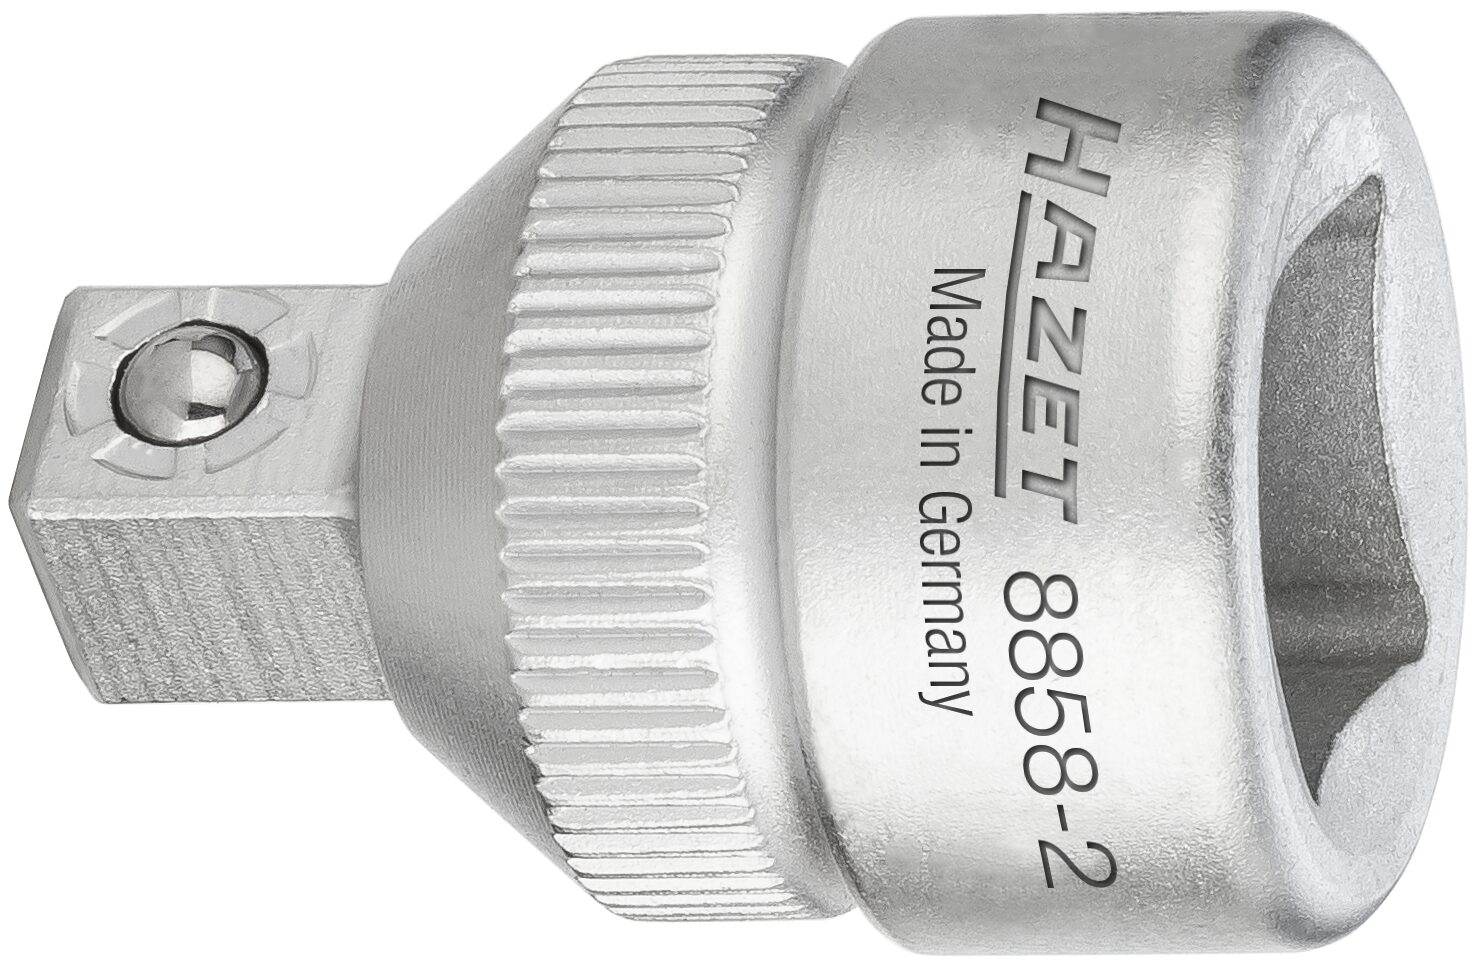 HAZET Reduzierstück 8858-2 ∙ Vierkant hohl 10 mm (3/8 Zoll) ∙ Vierkant massiv 6,3 mm (1/4 Zoll)